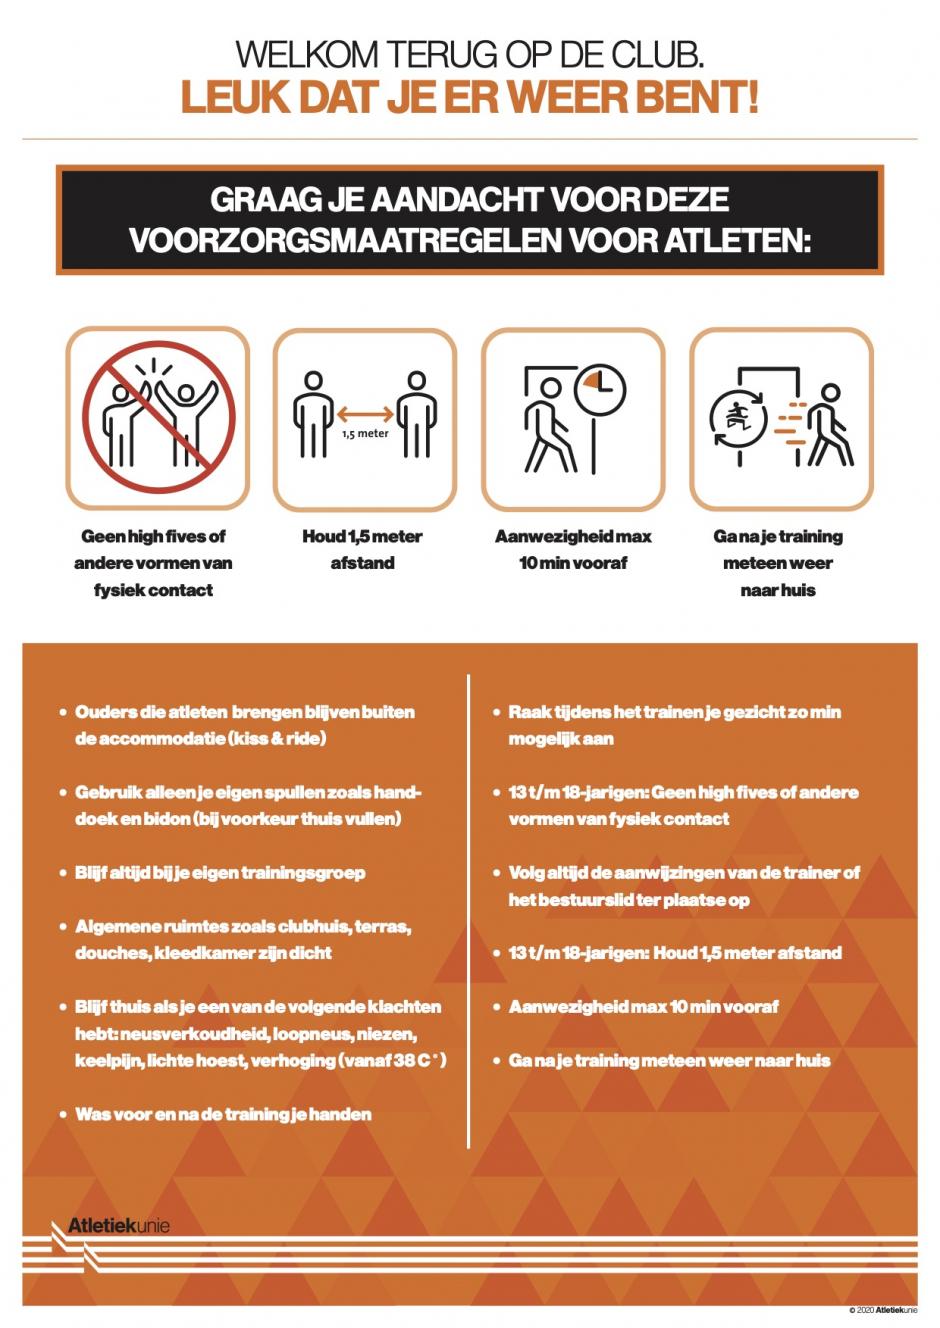 Voorzorgsmaatregelen voor atletiek AV Suomi